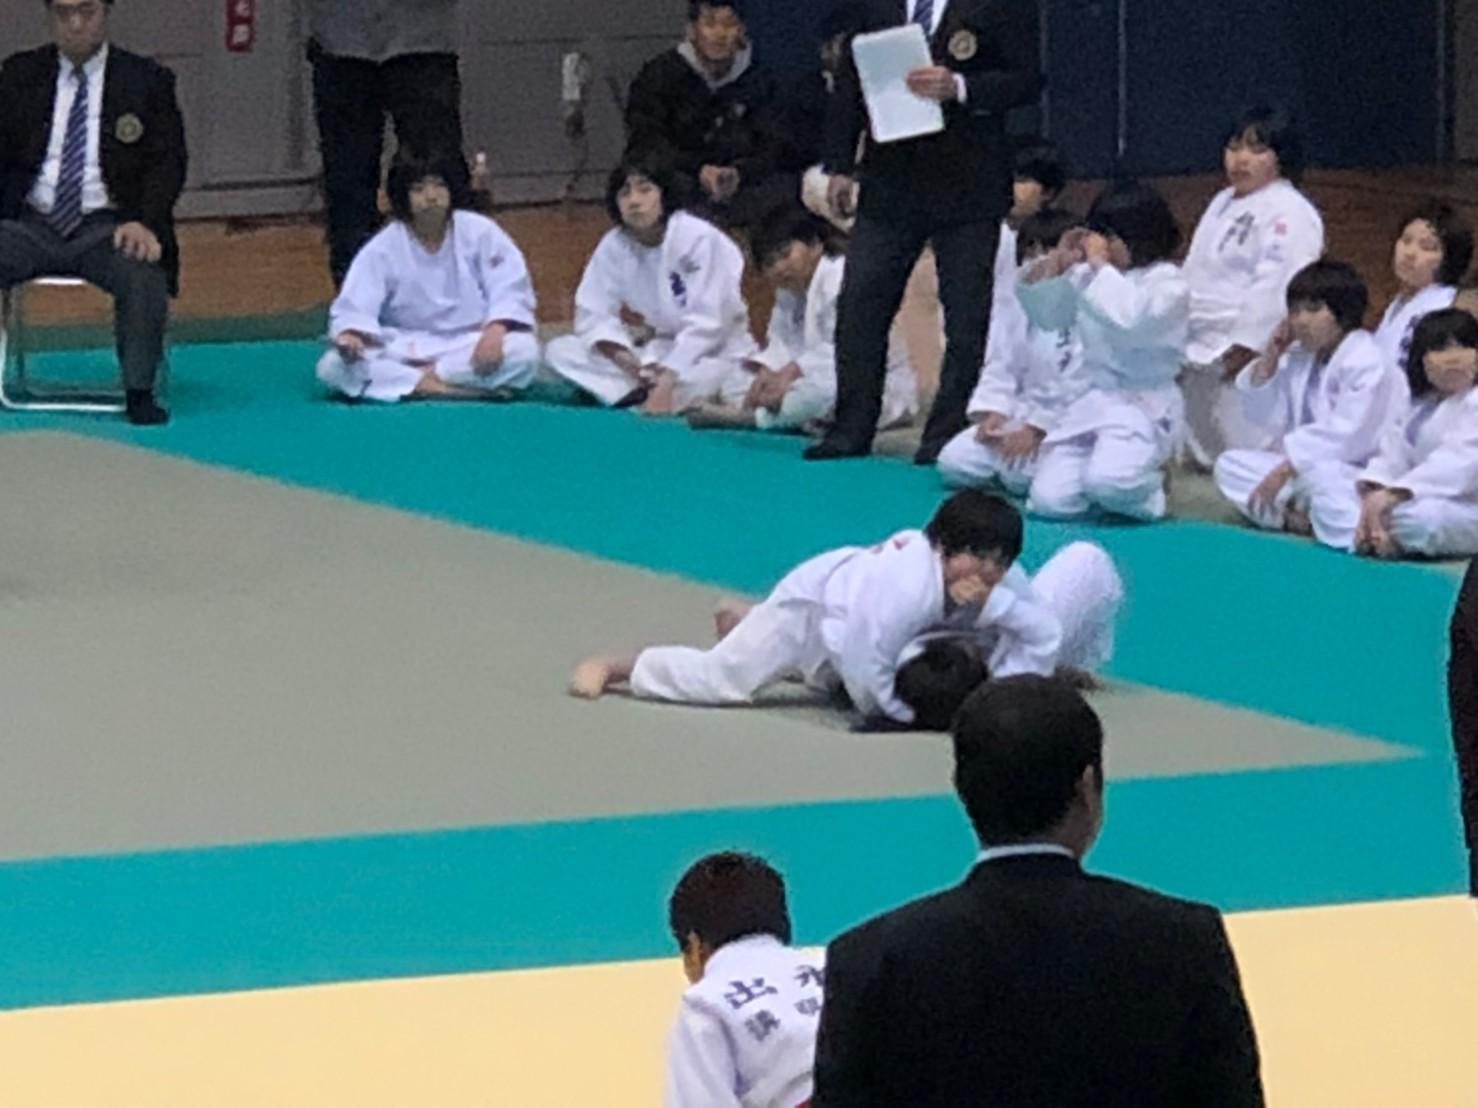 2019 馬場道場九州少年柔道錬成会 2日目_b0172494_00092269.jpg